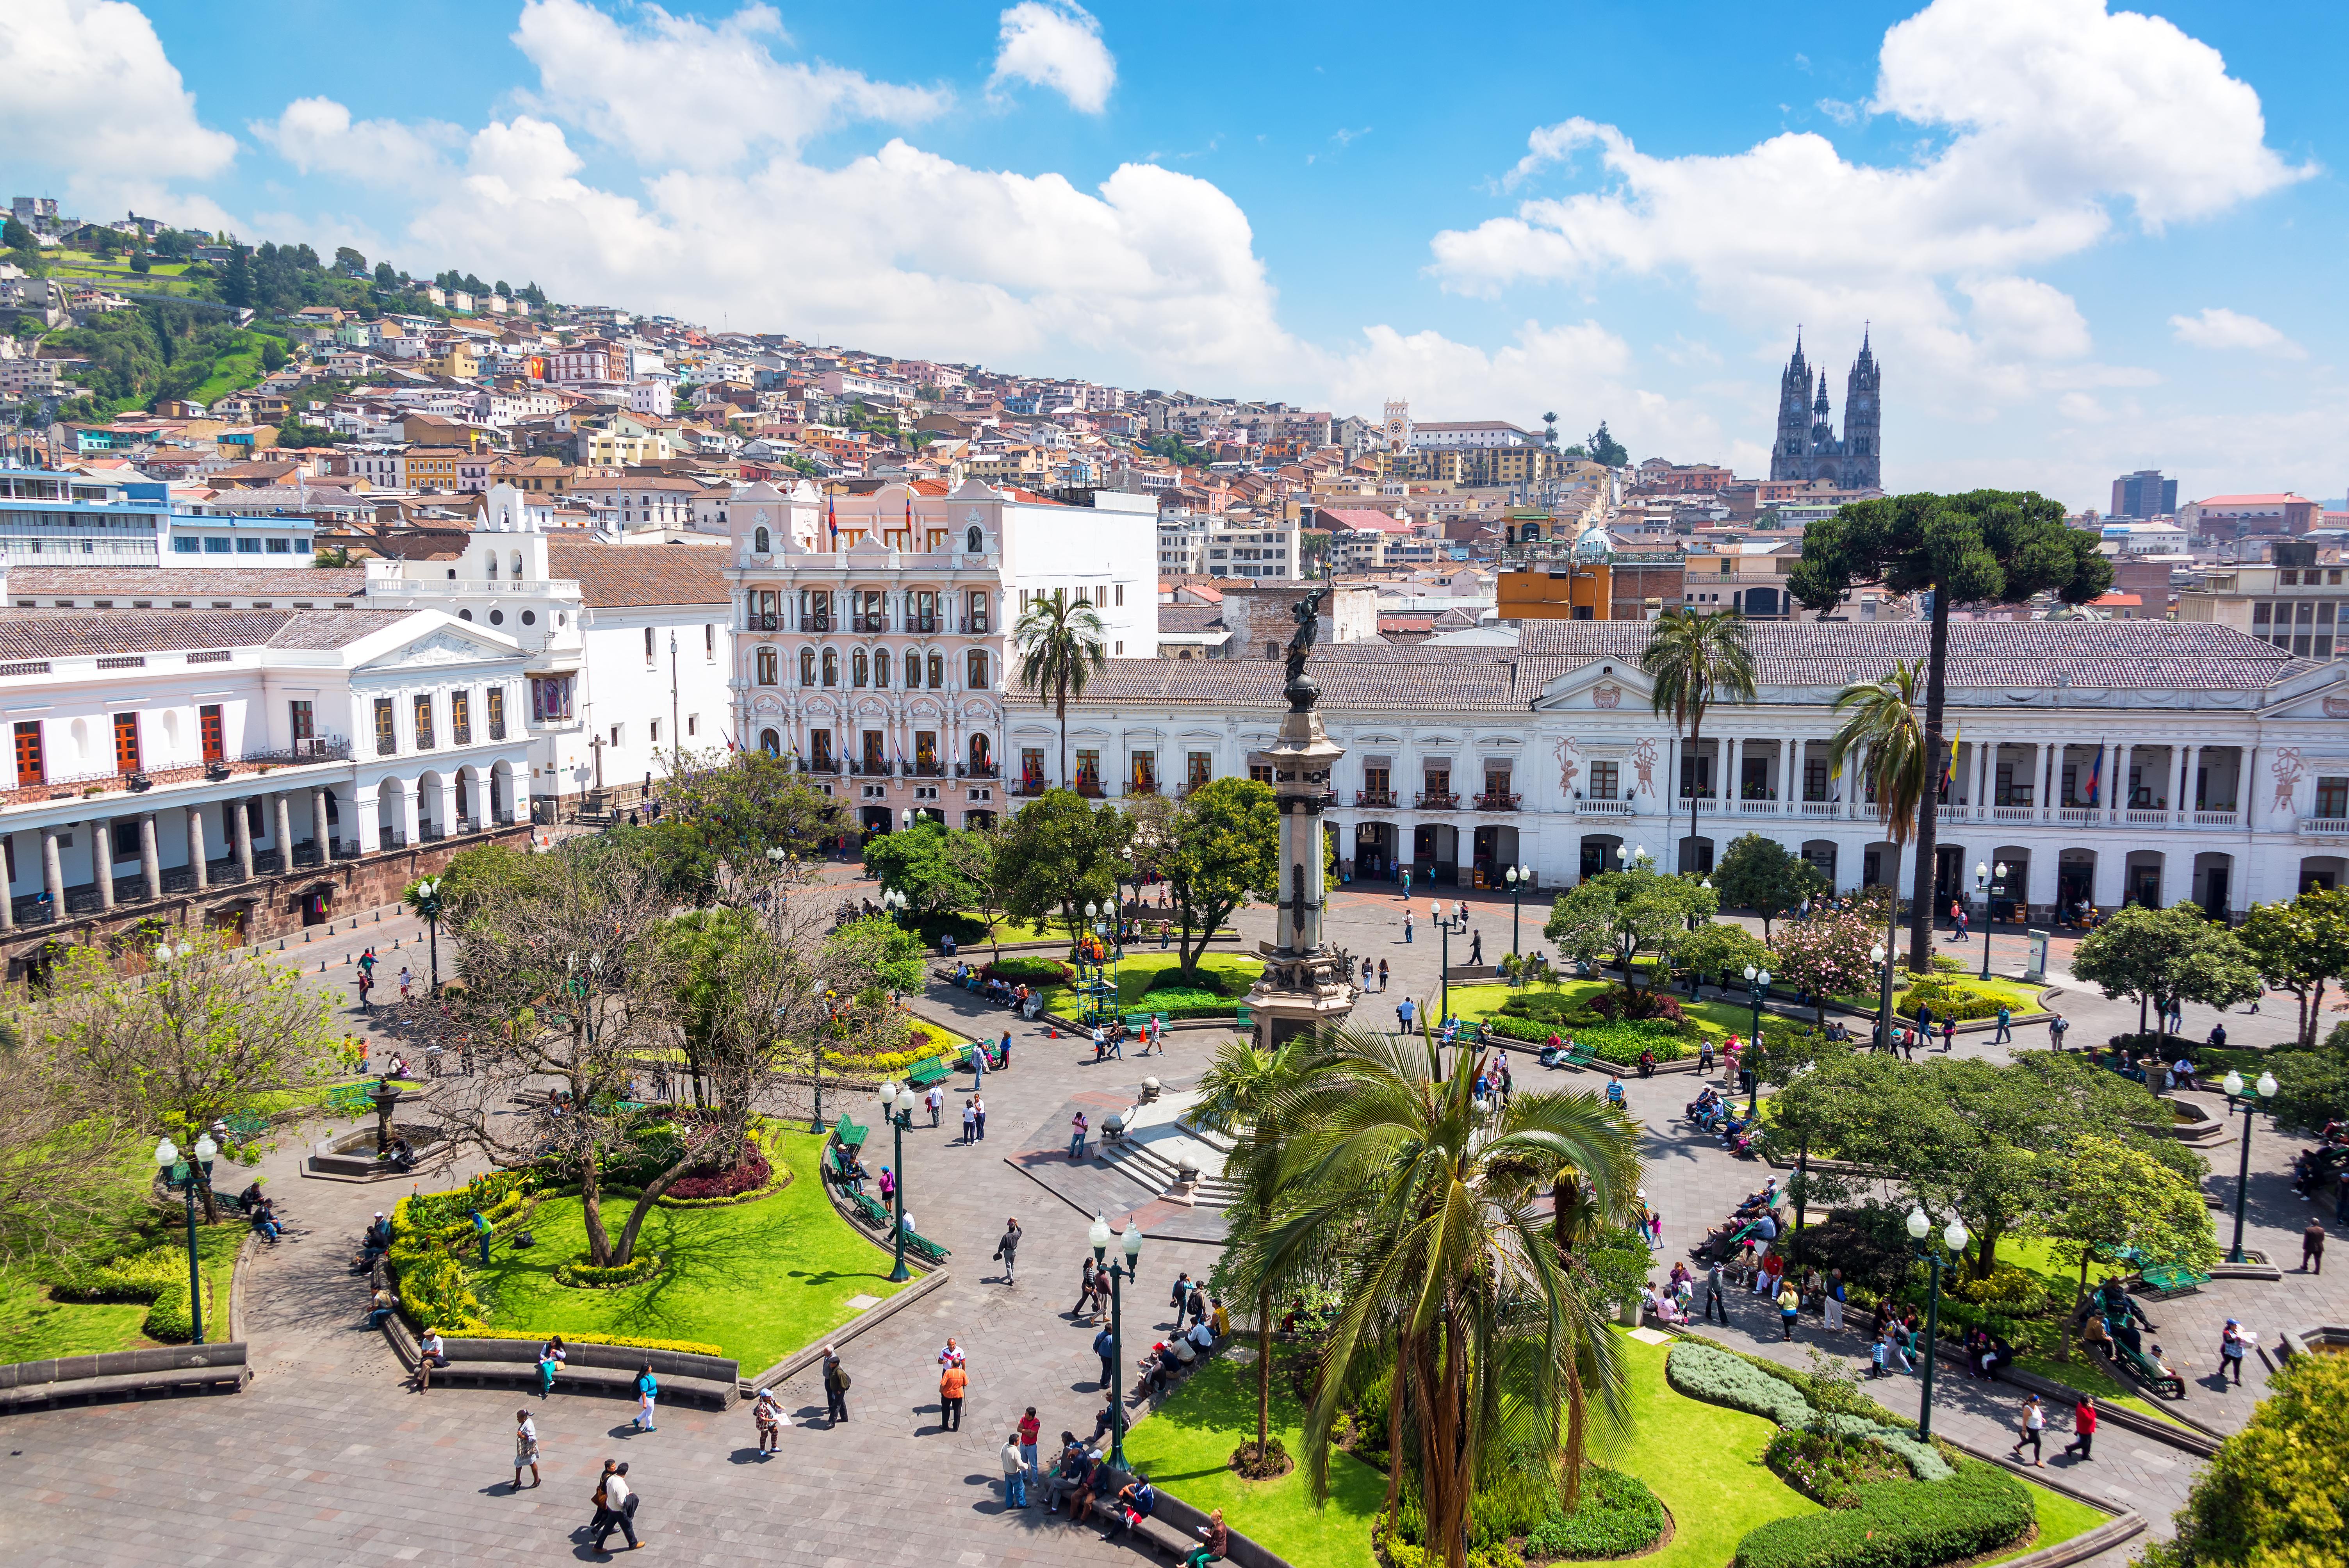 Plaza Grande em Quito capital do Equador